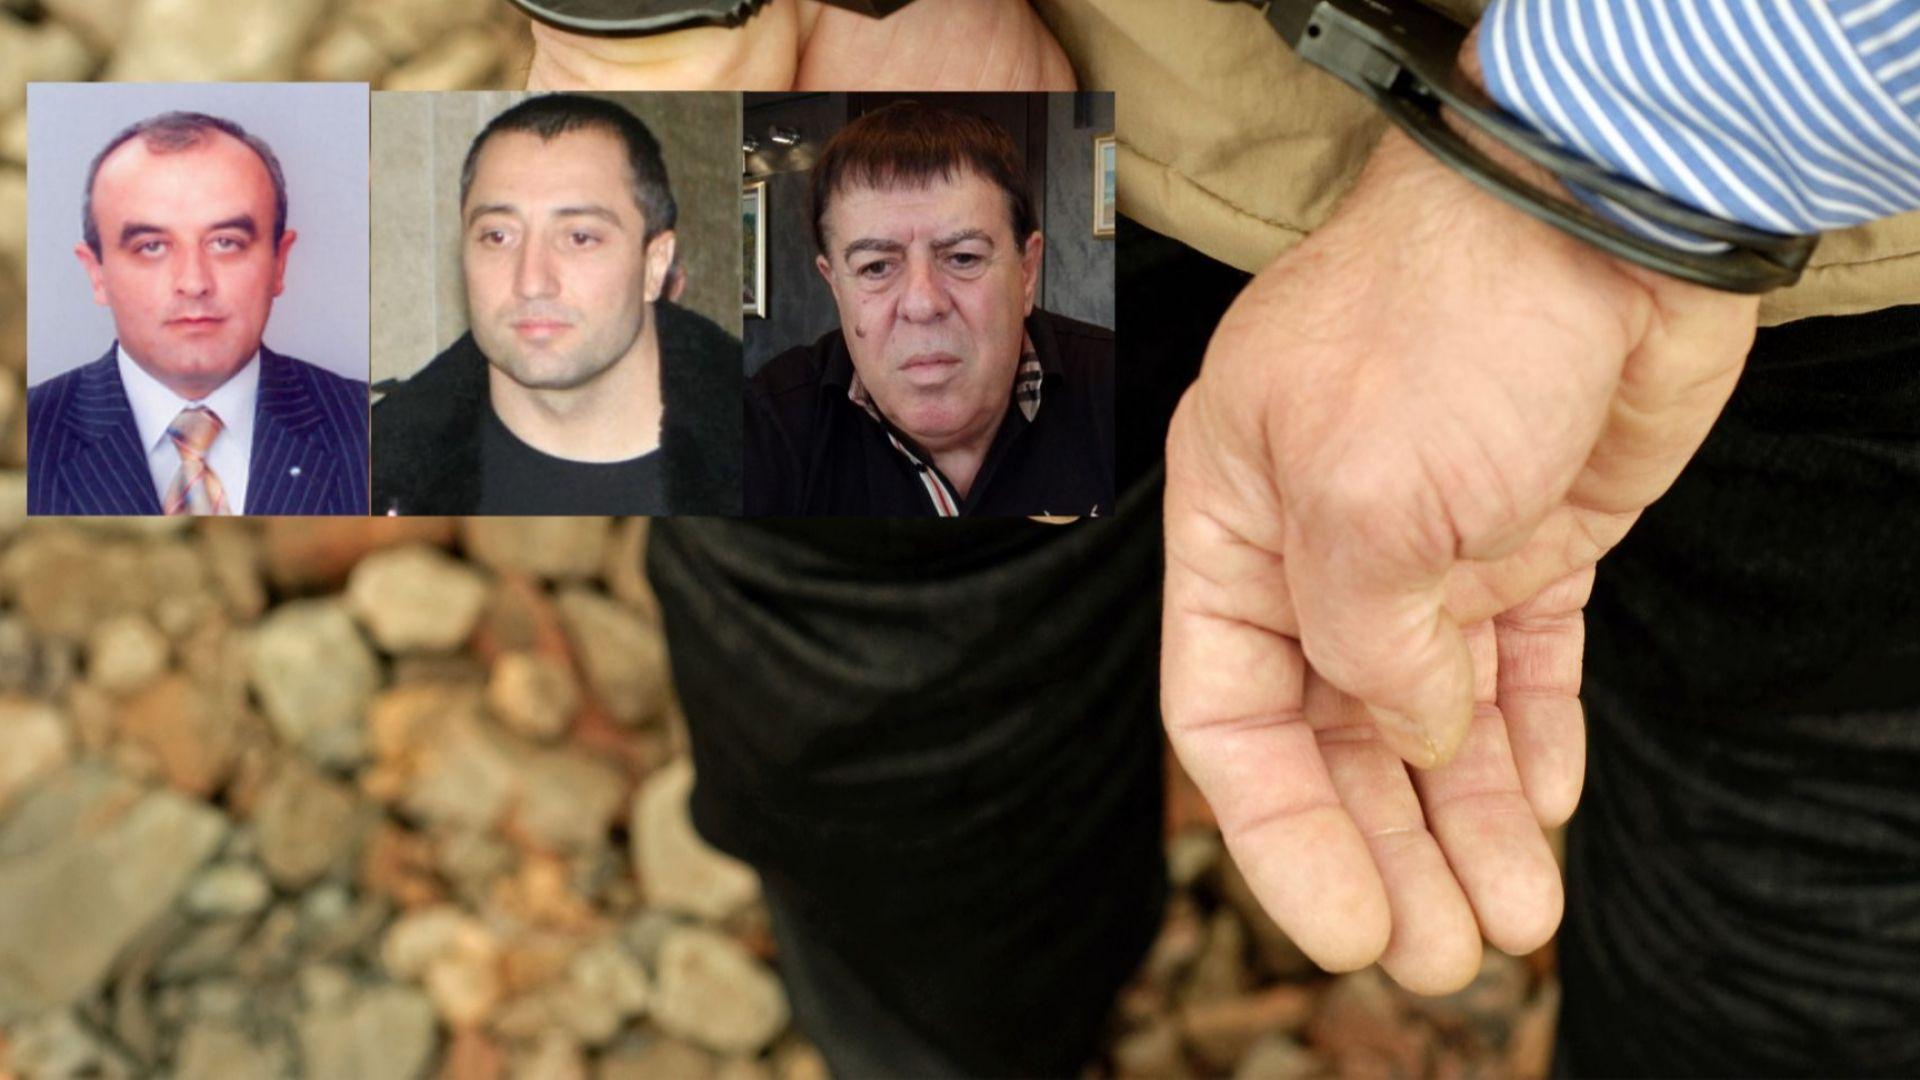 Бивш депутат от ДПС и Бенчо Бенчев били задържани с Очите, но после са пуснати